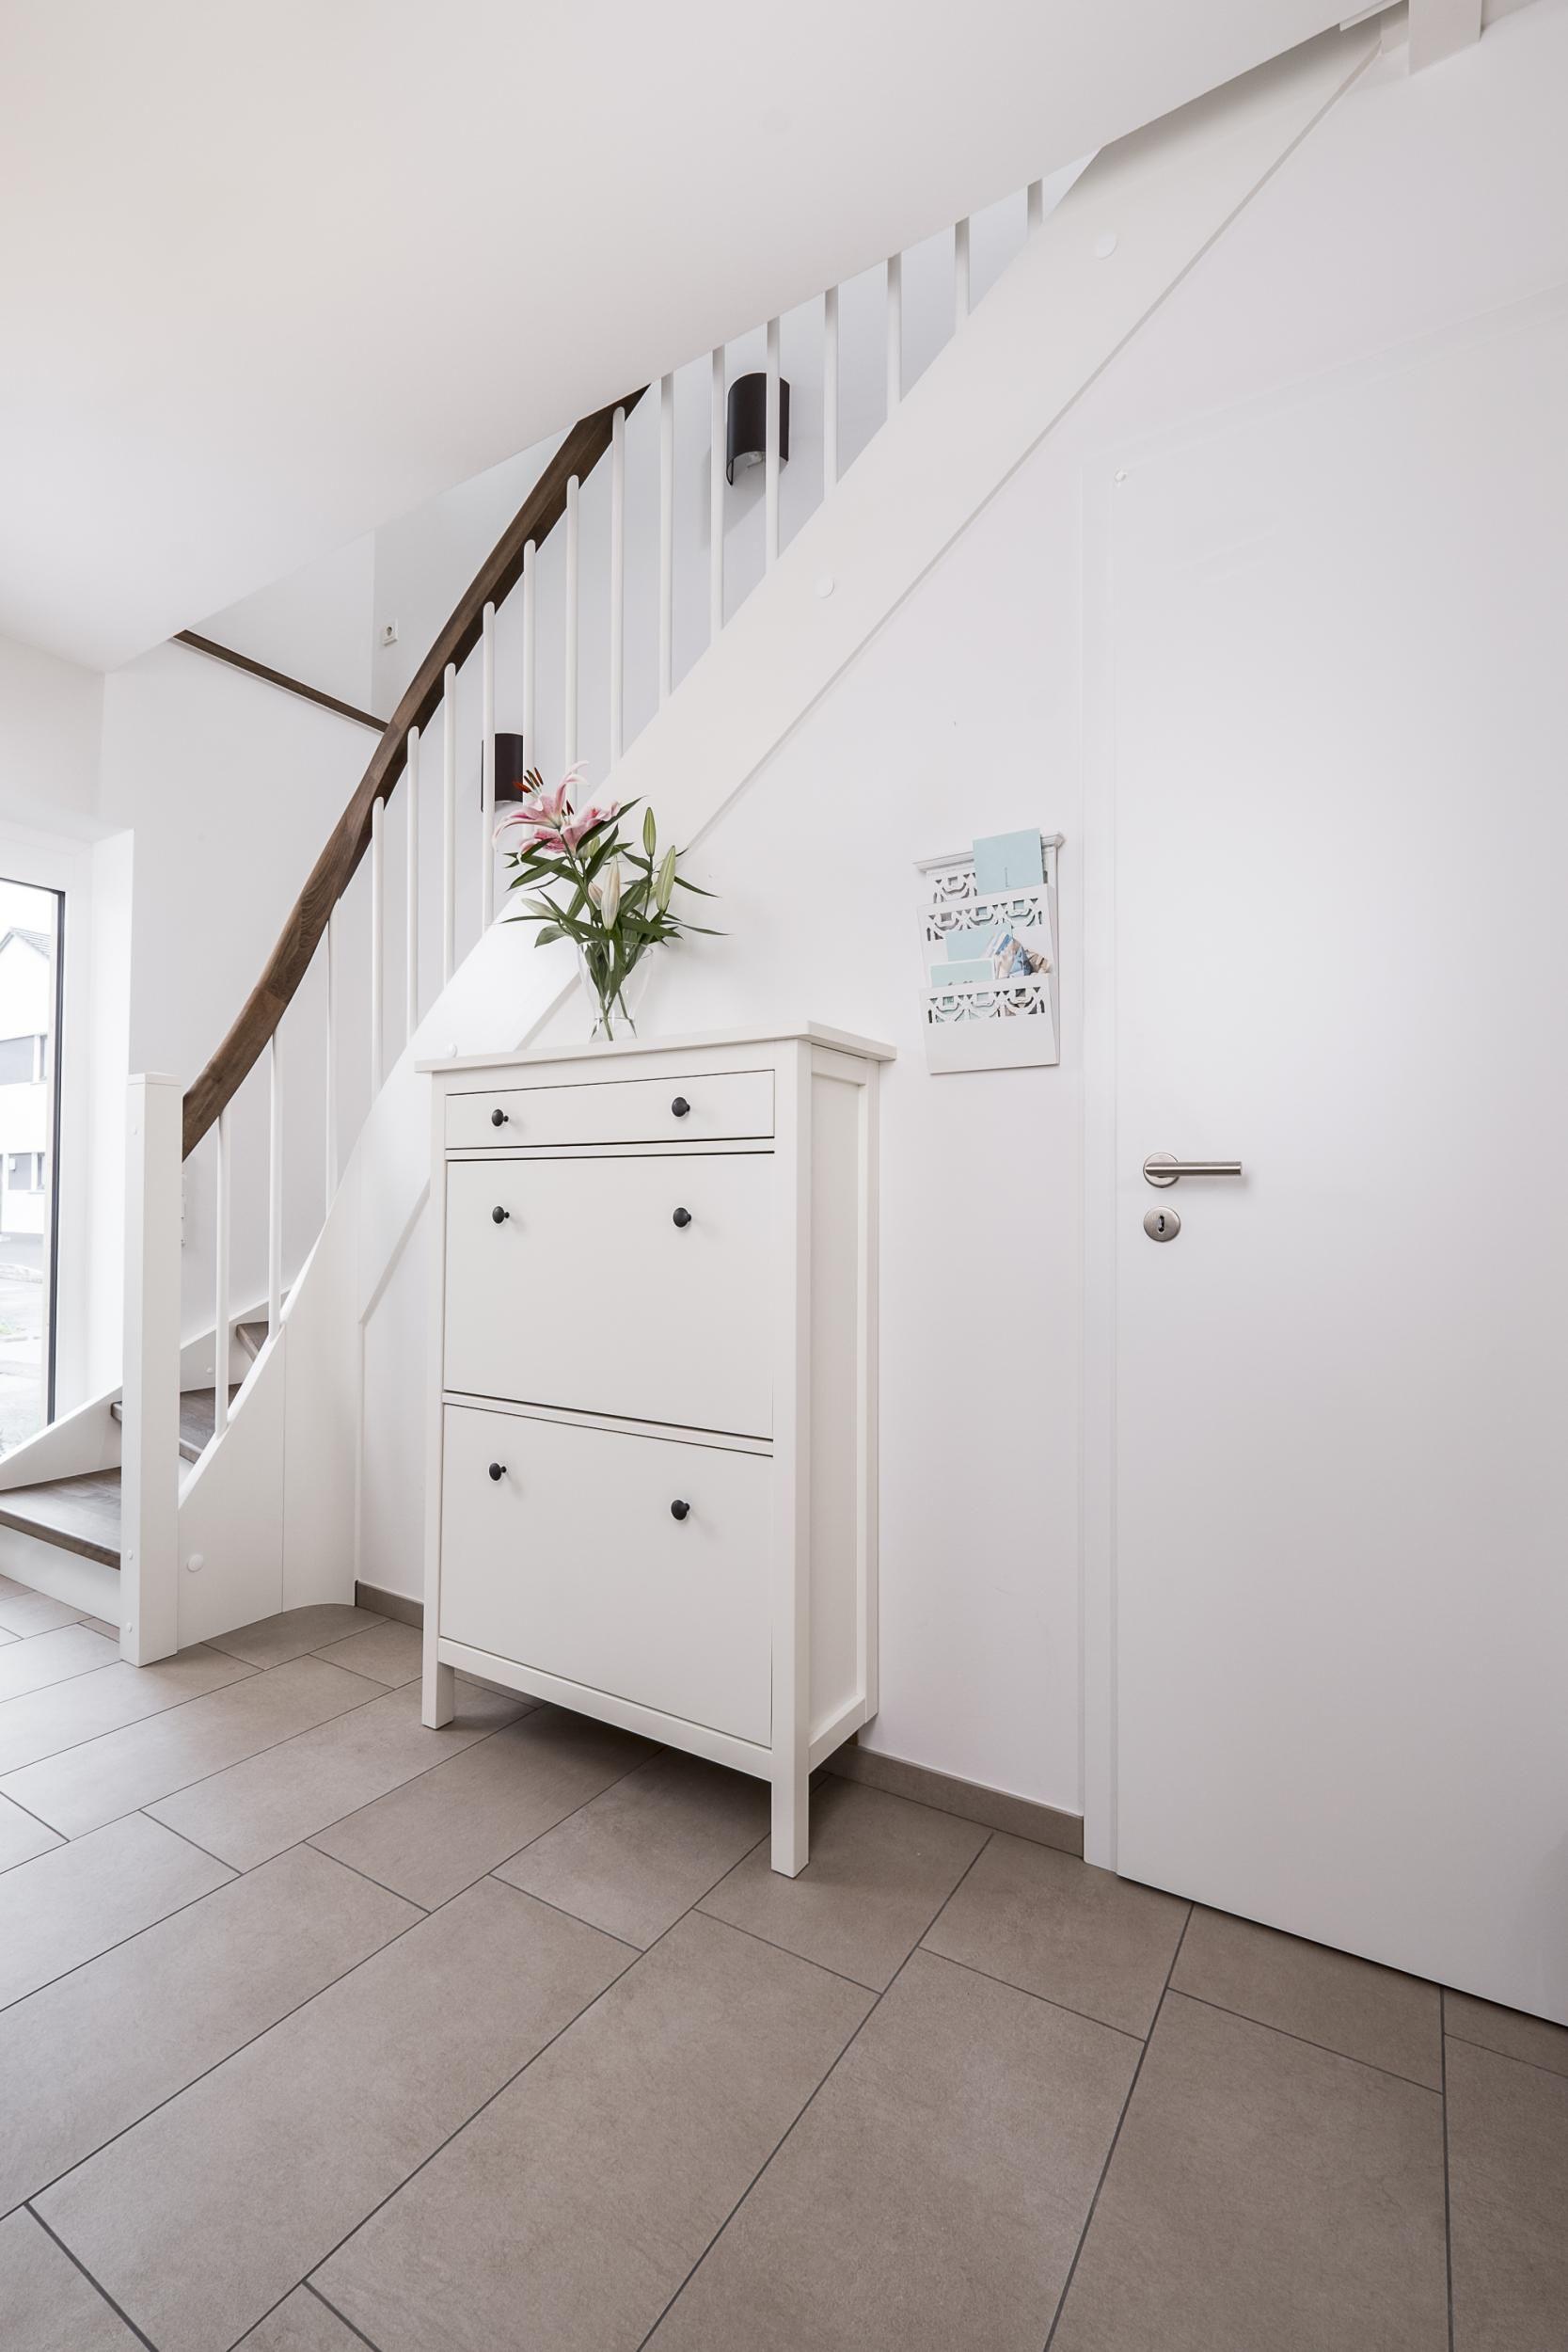 Voss Treppen wangentreppen made in norddeutschland treppenbau voß haus ideen